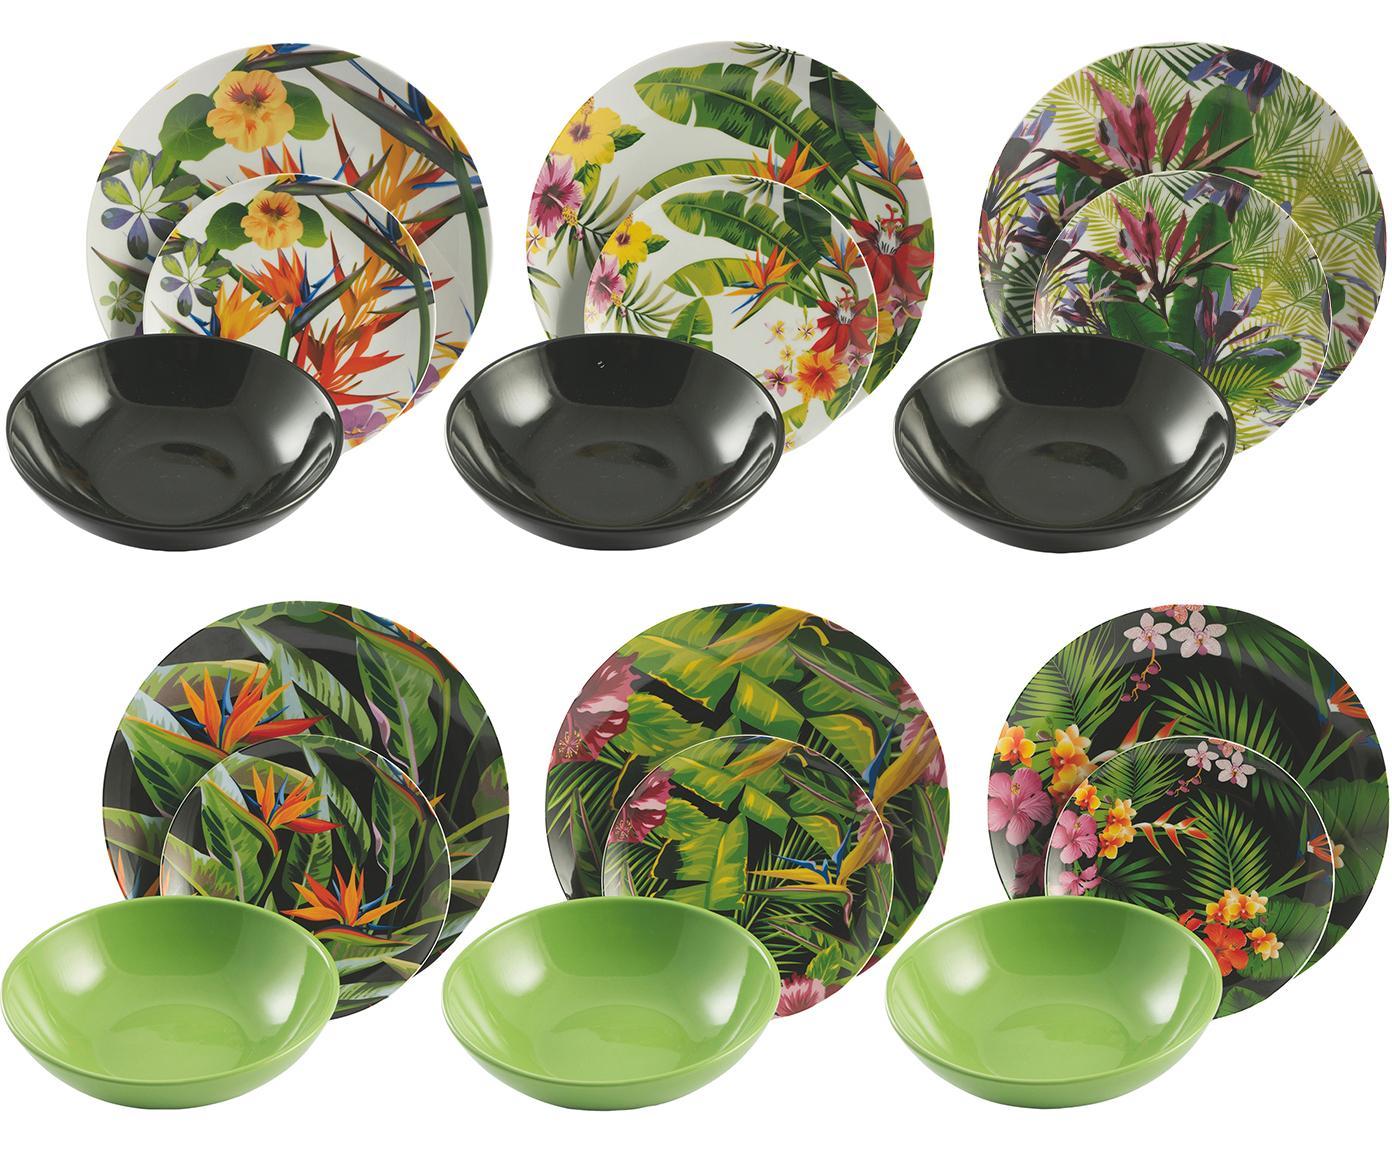 Vajilla Tropical Jungle, 6comensales (18pzas.), Porcelana, Multicolor, Tamaños diferentes